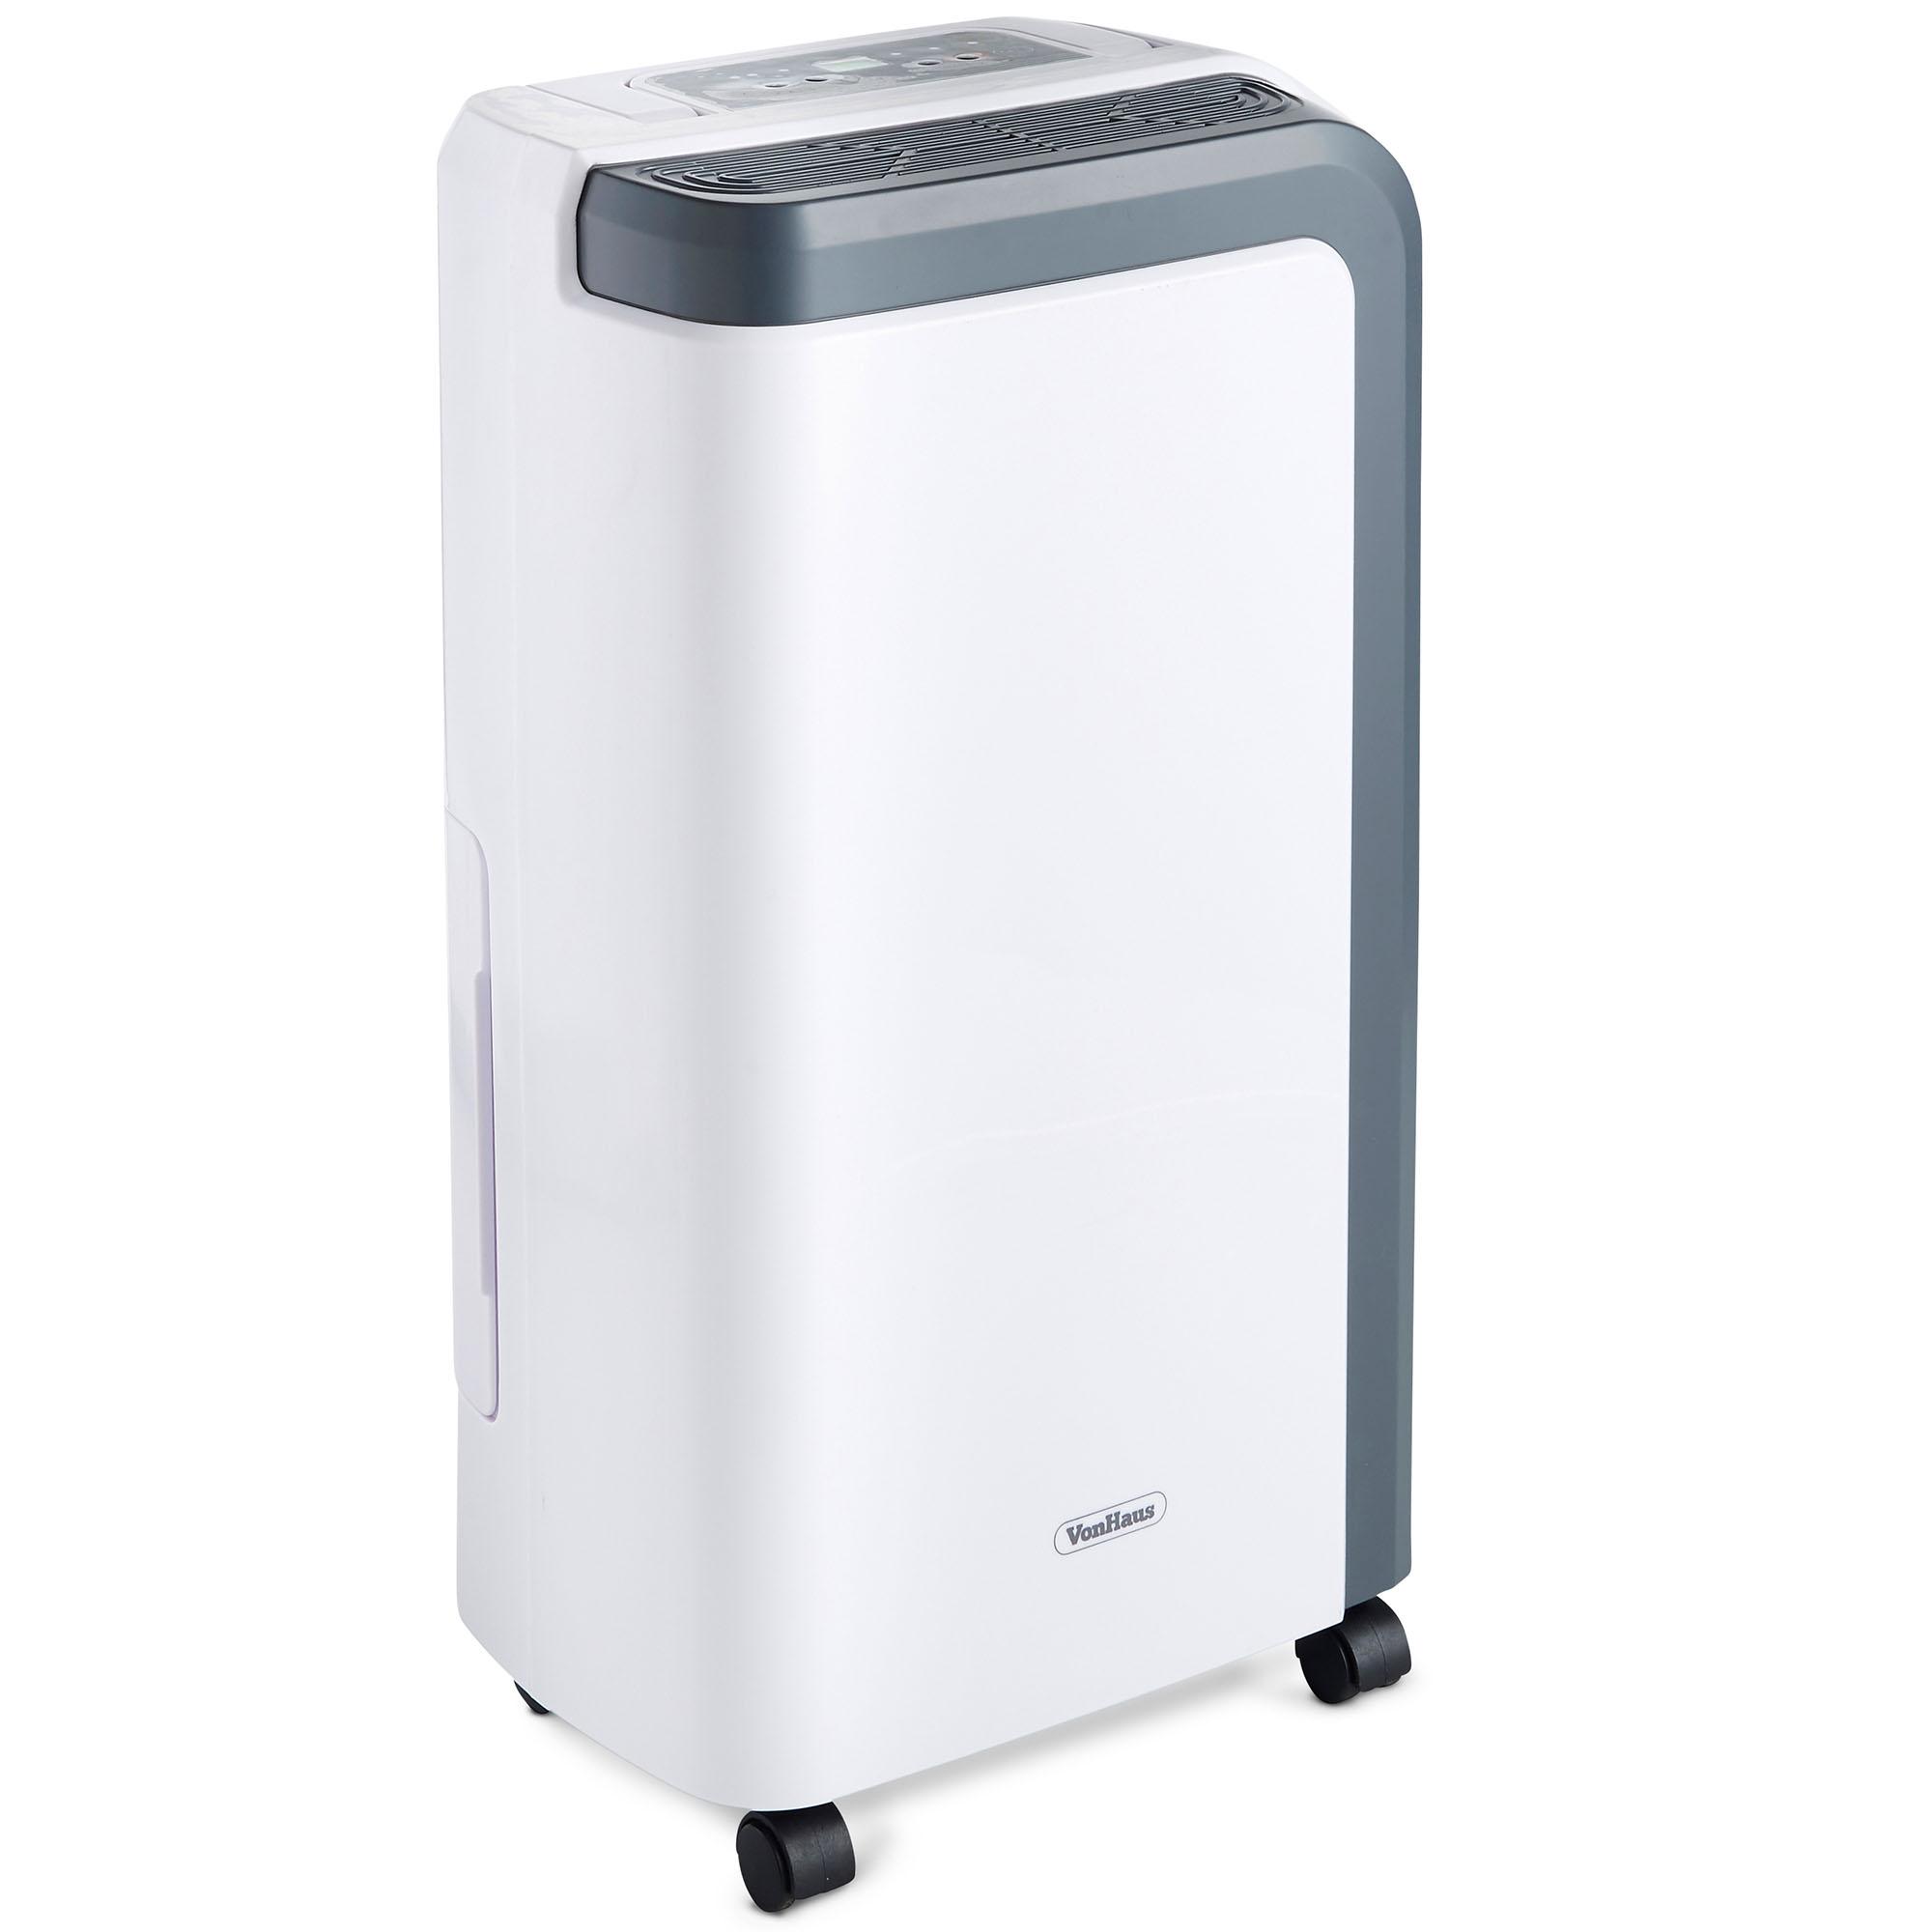 Absorbeur D Humidité Avis détails sur vonhaus déshumidificateur d'air 12 l absorbeur d'humidité  électrique